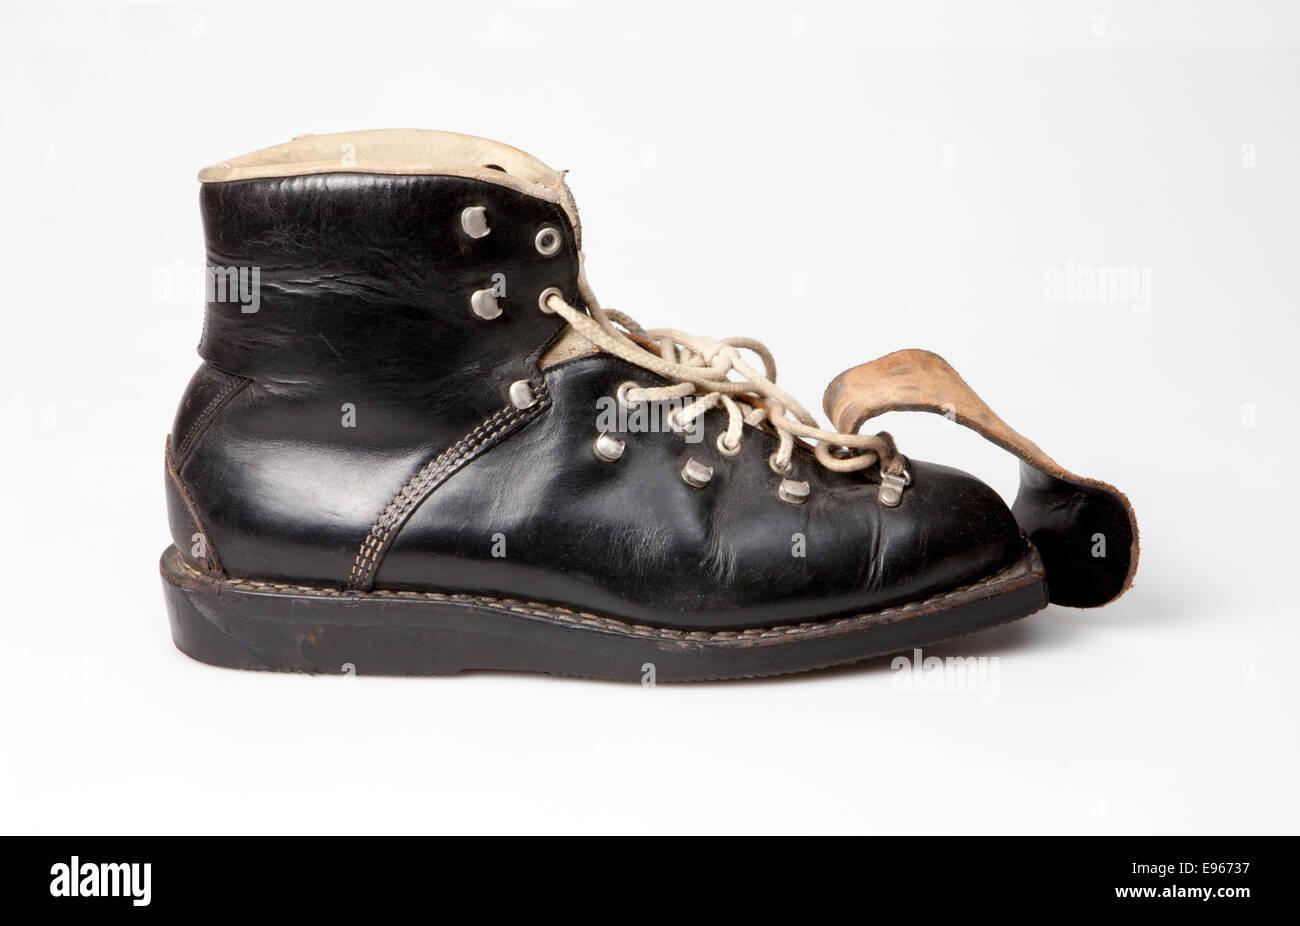 Old ski-boot - Stock Image